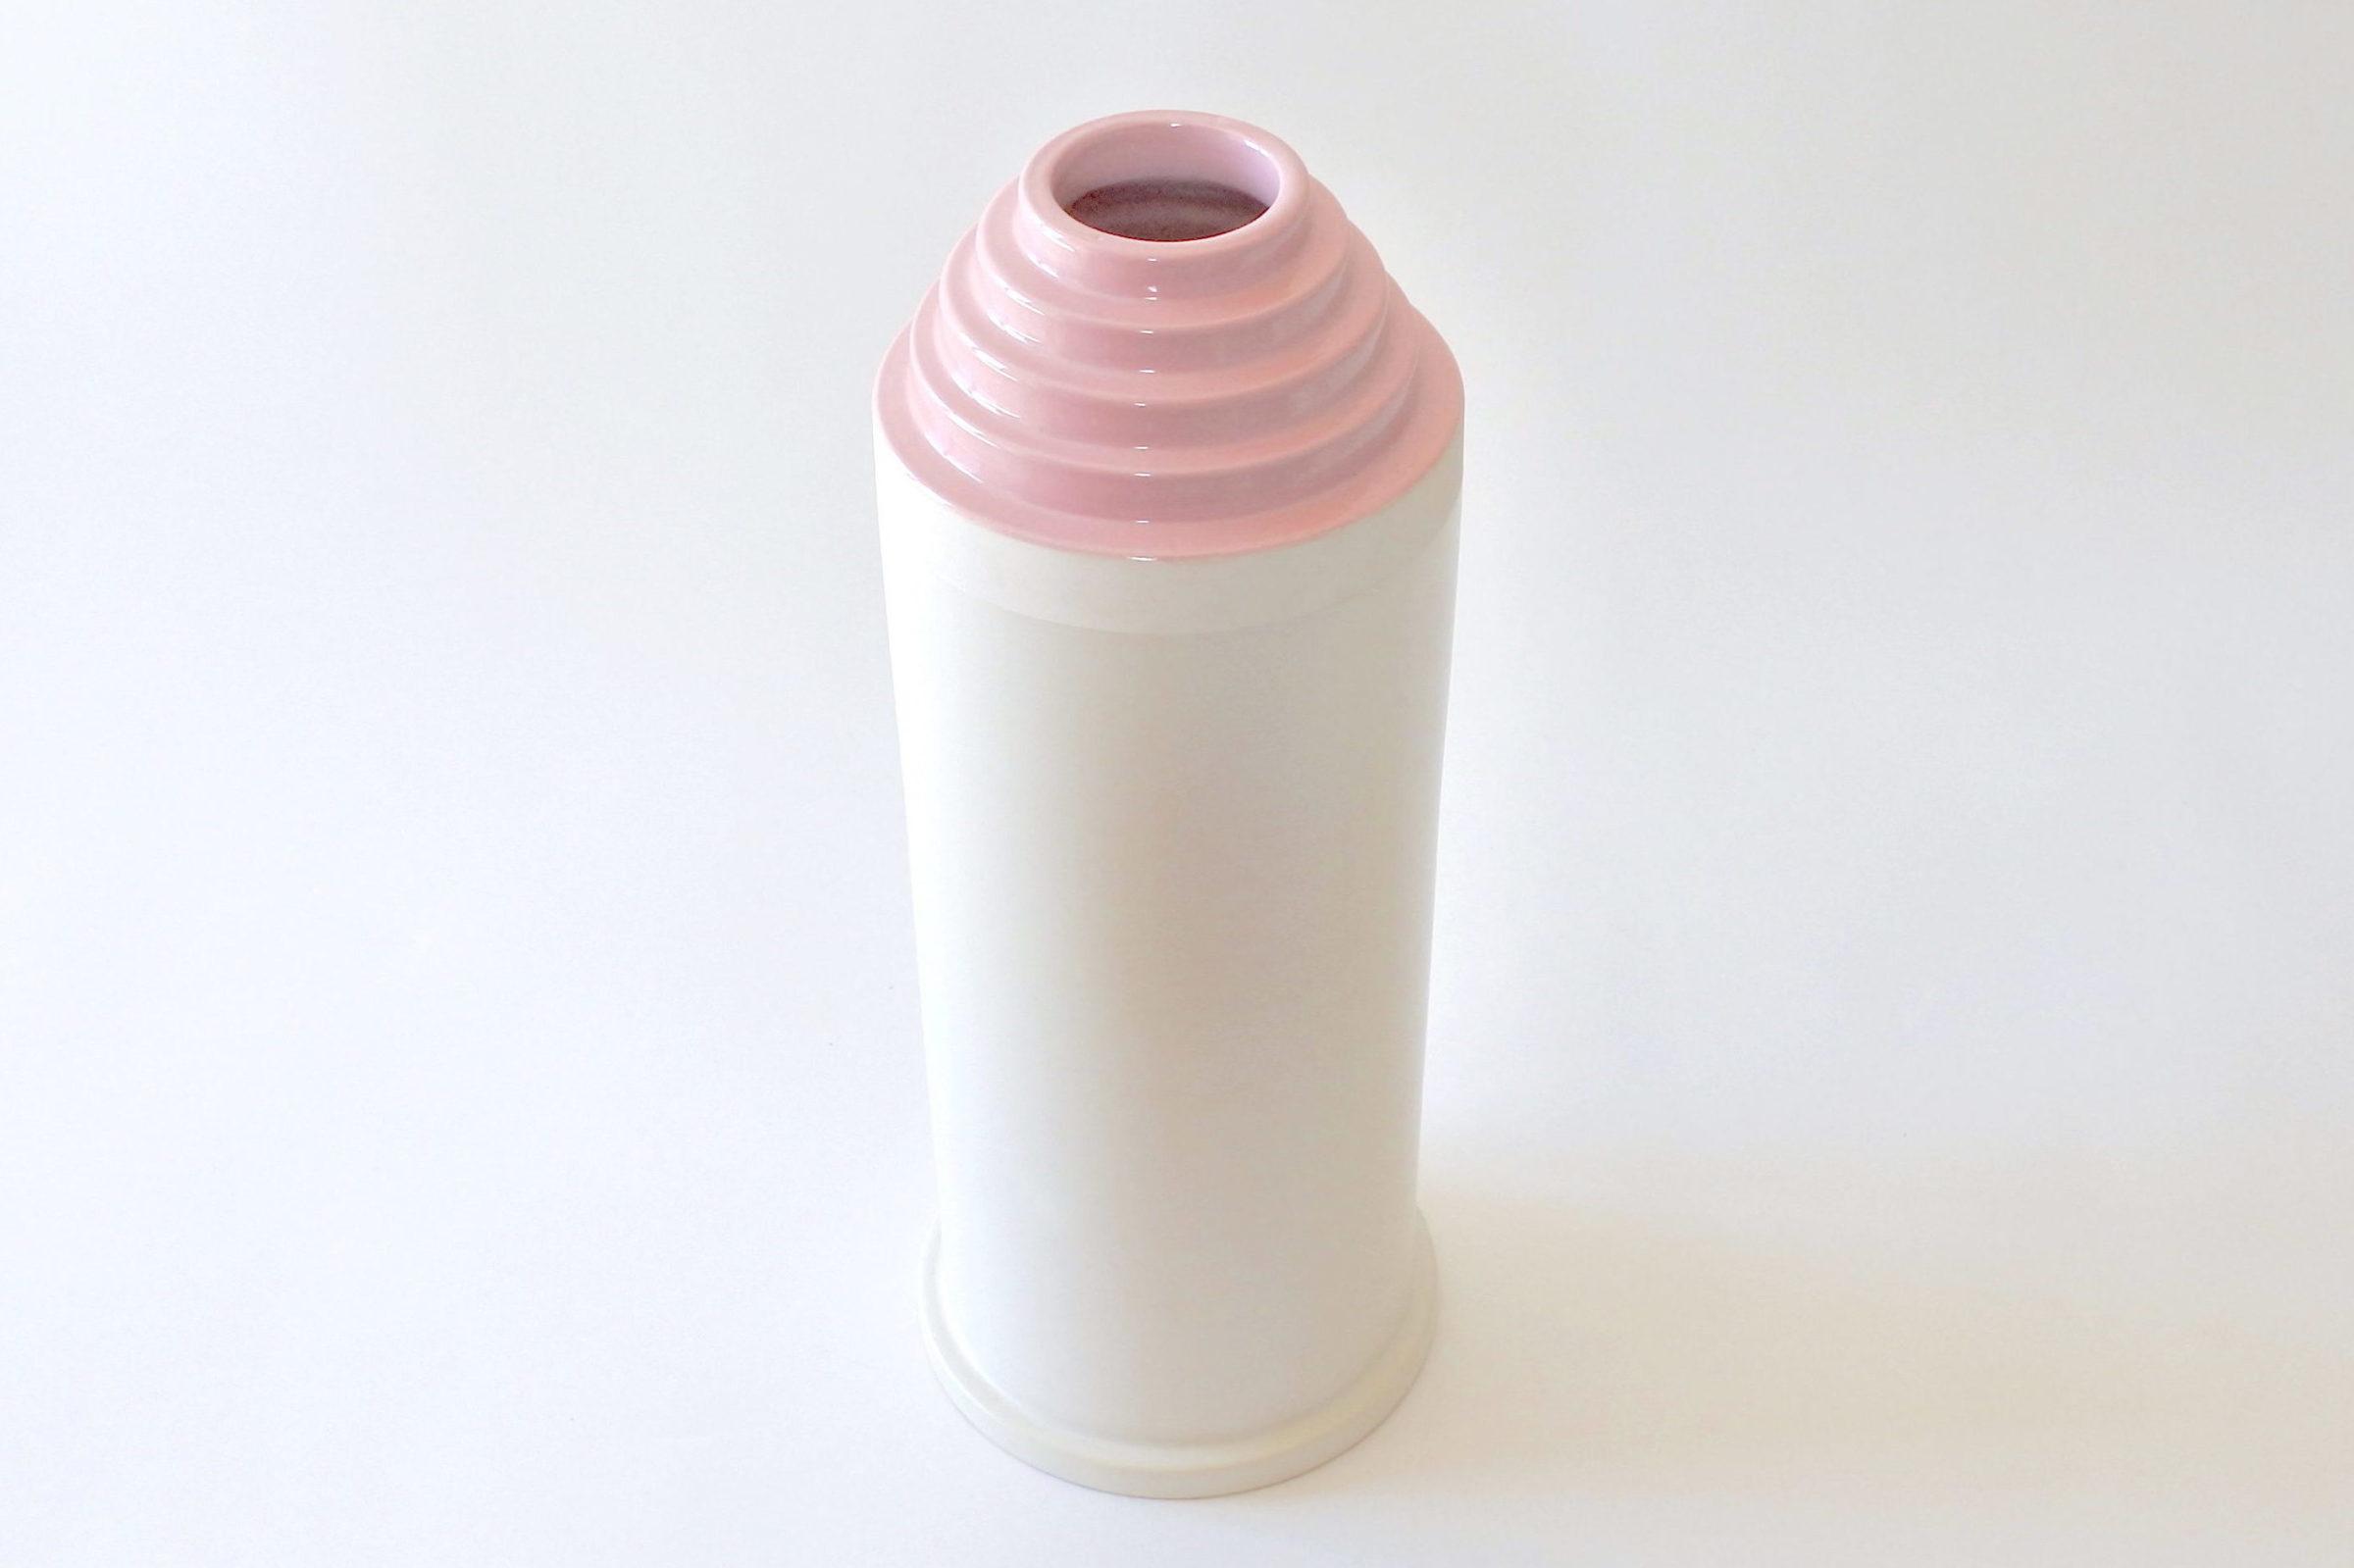 Vaso Bolo in ceramica bianca - Ettore Sottsass per ceramiche Bitossi - 2